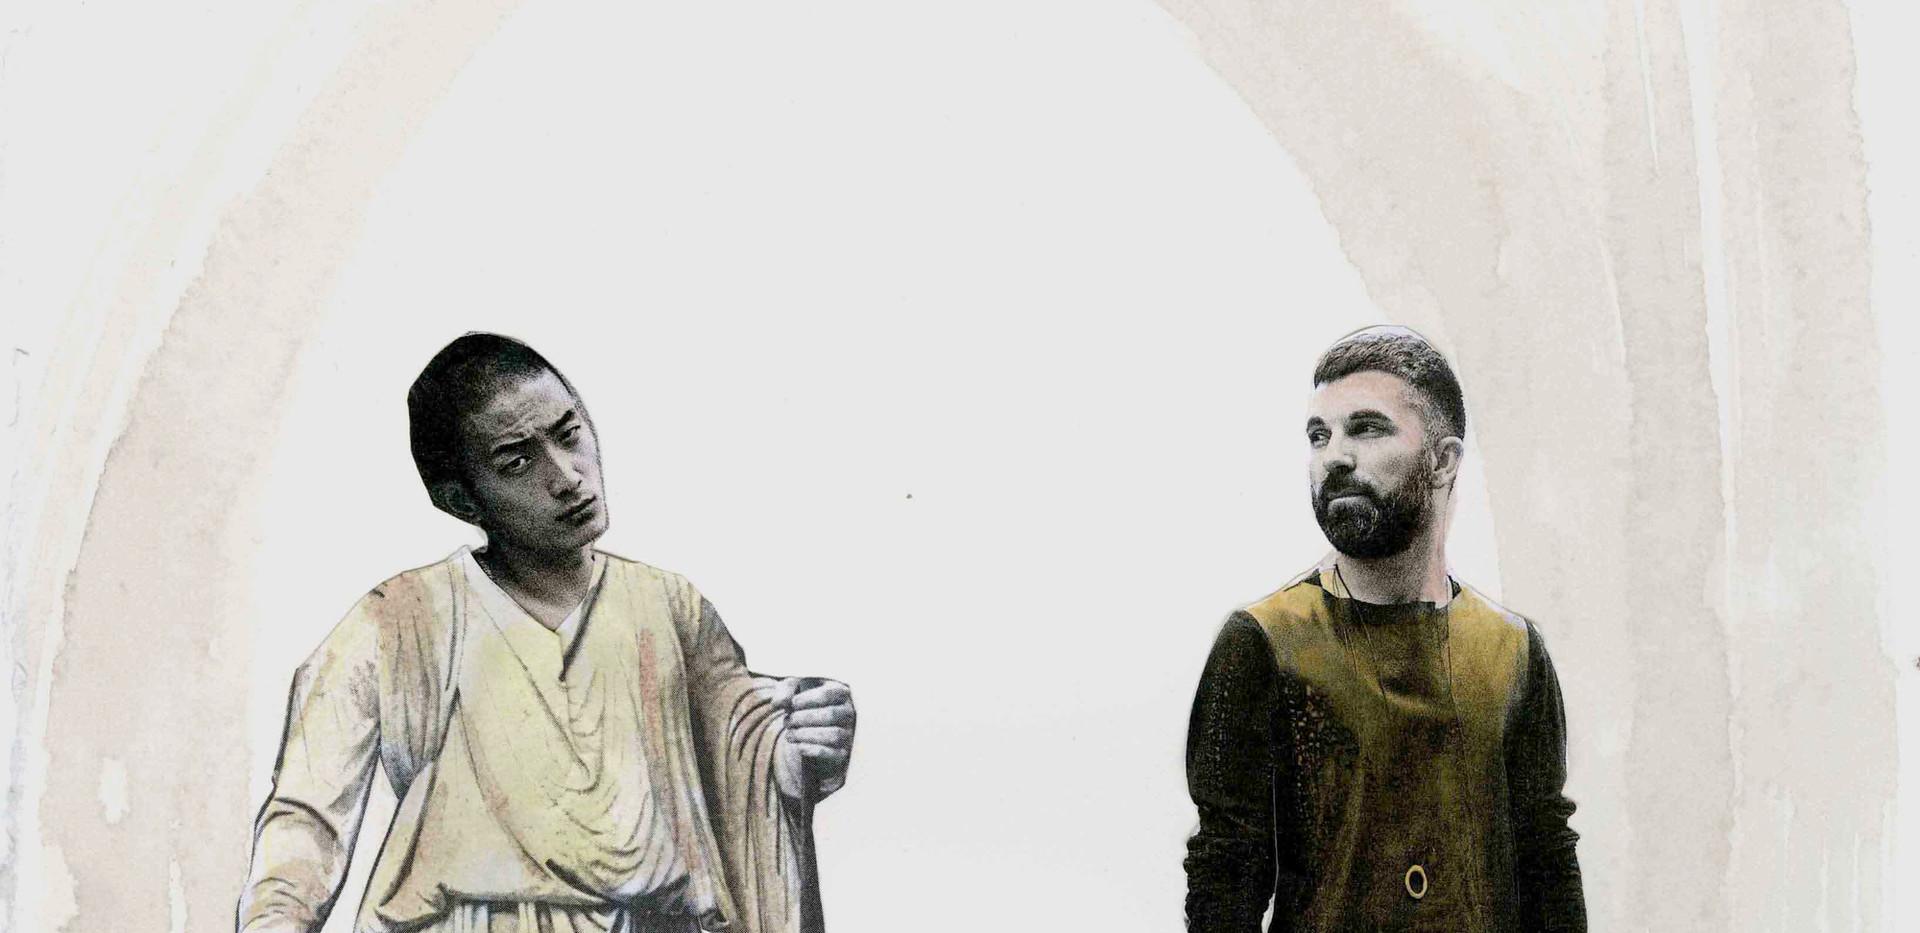 Coriolanus Rendering